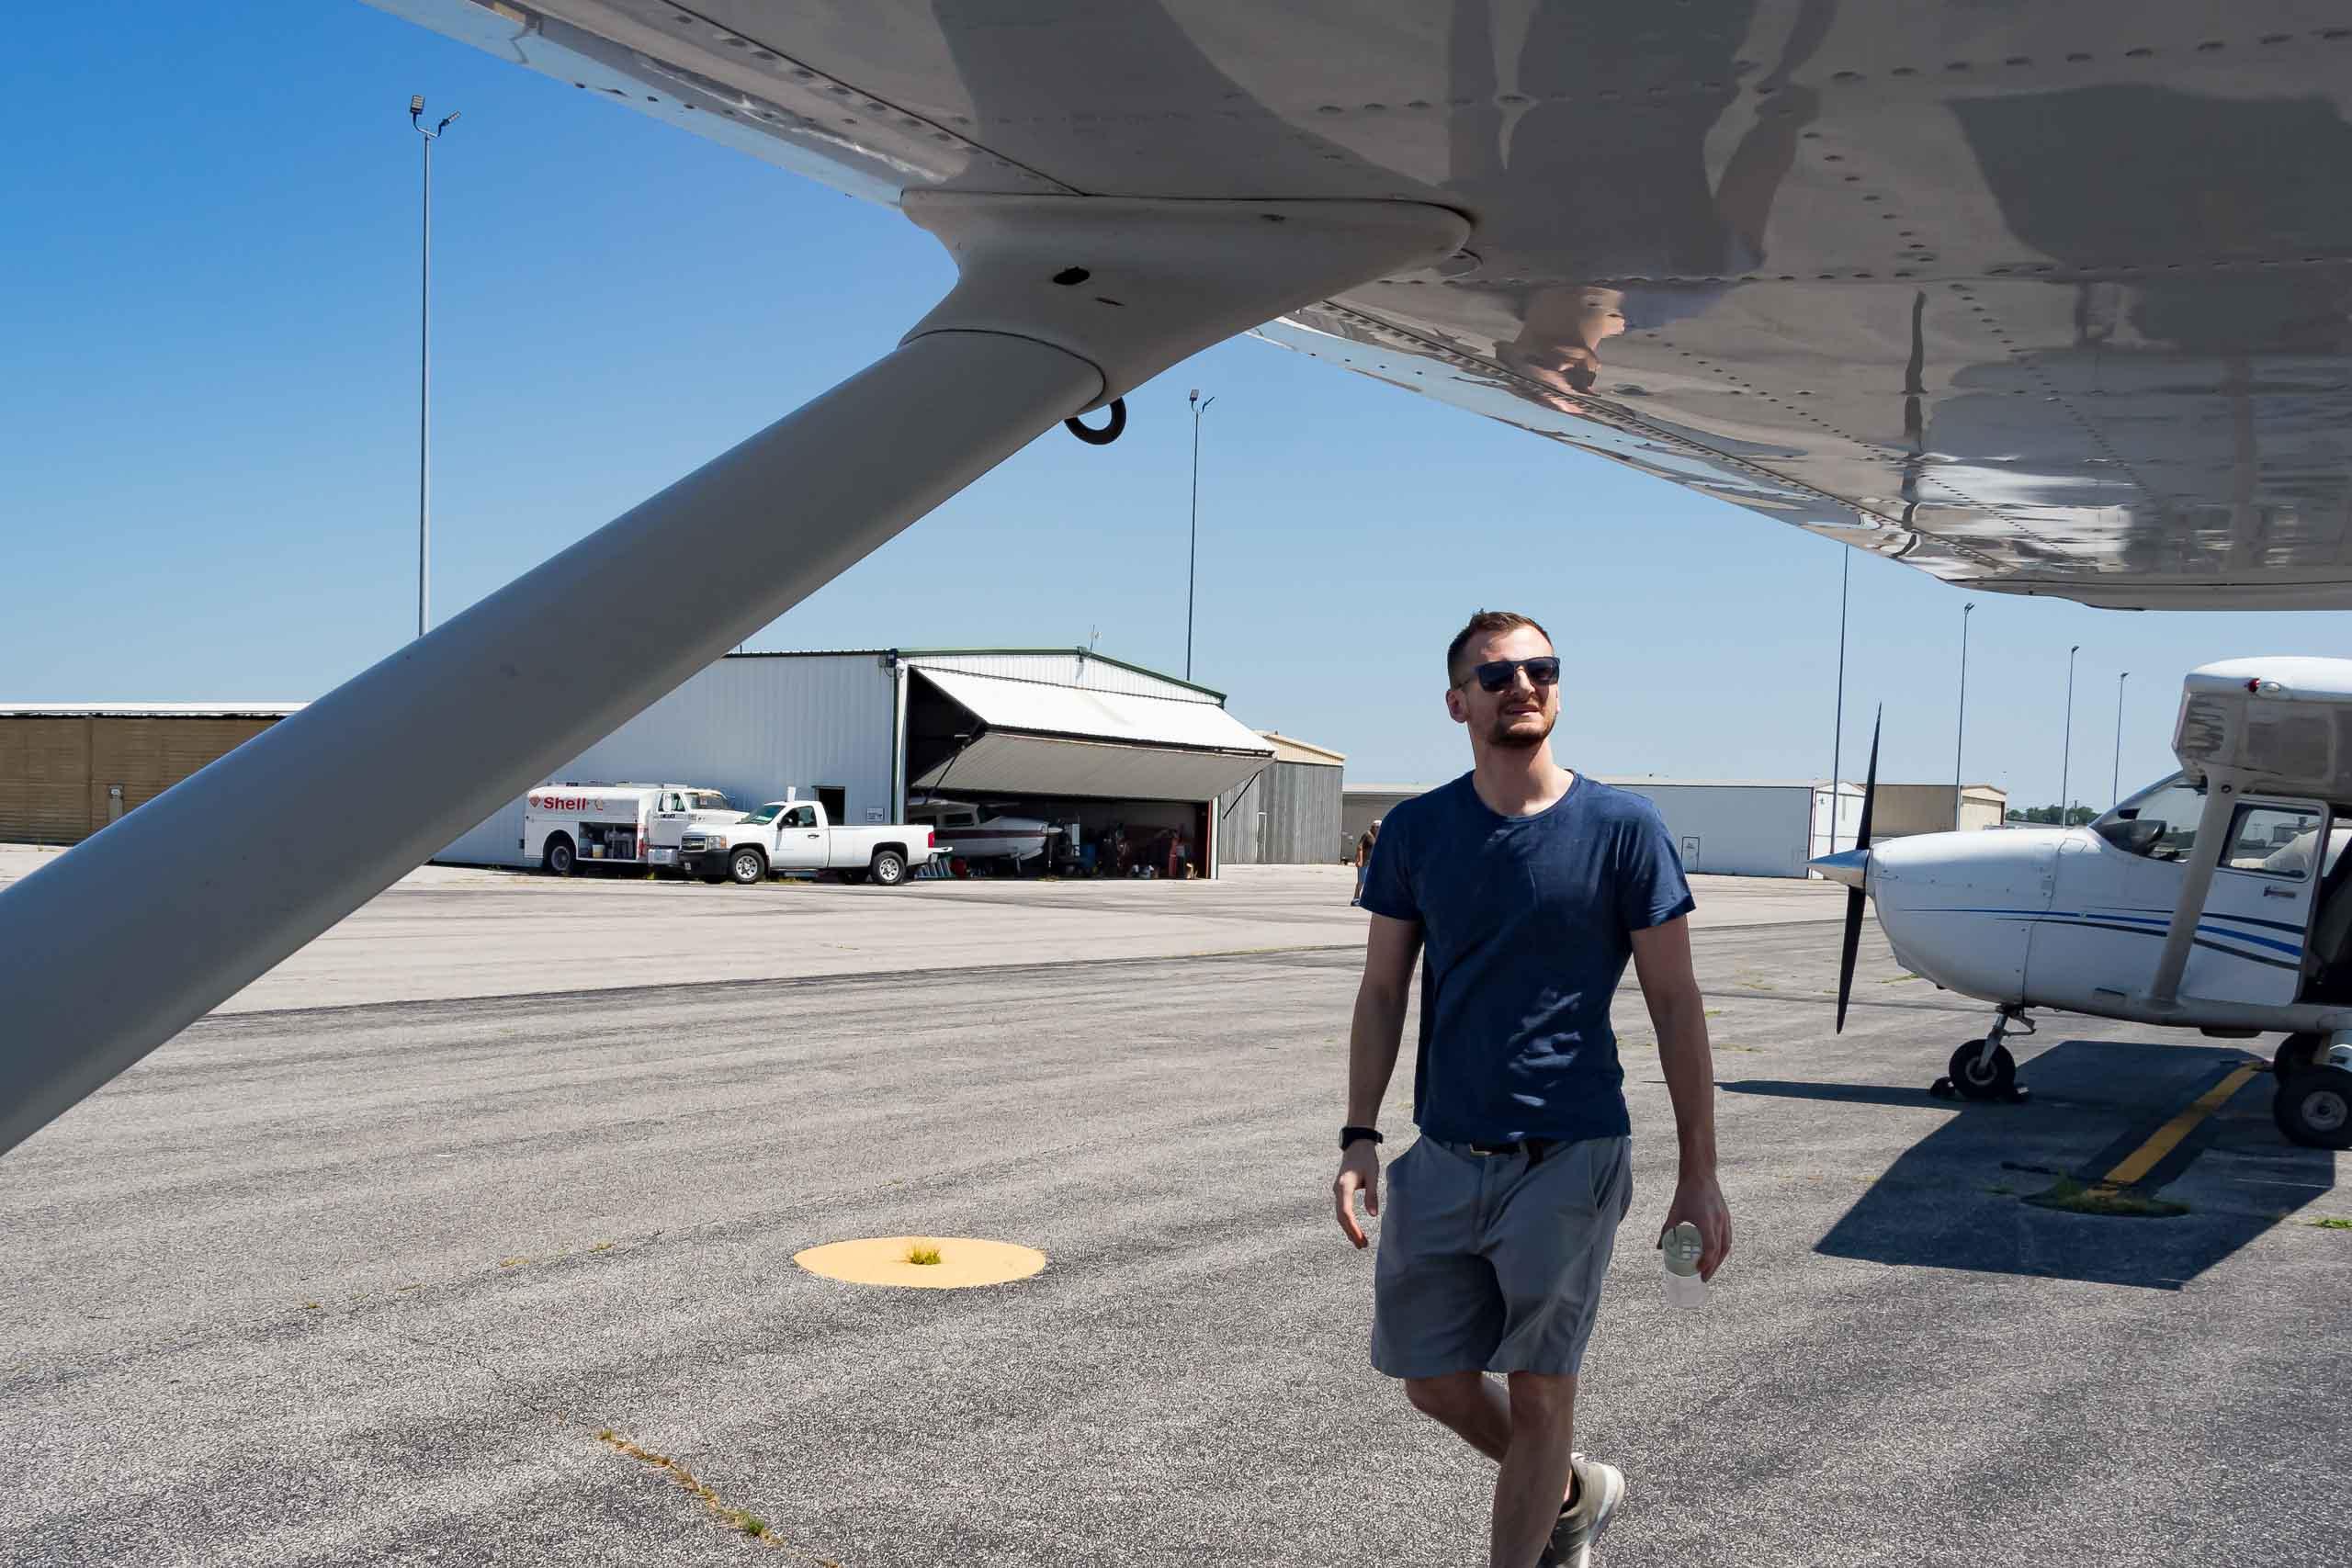 Student walking around airplane.